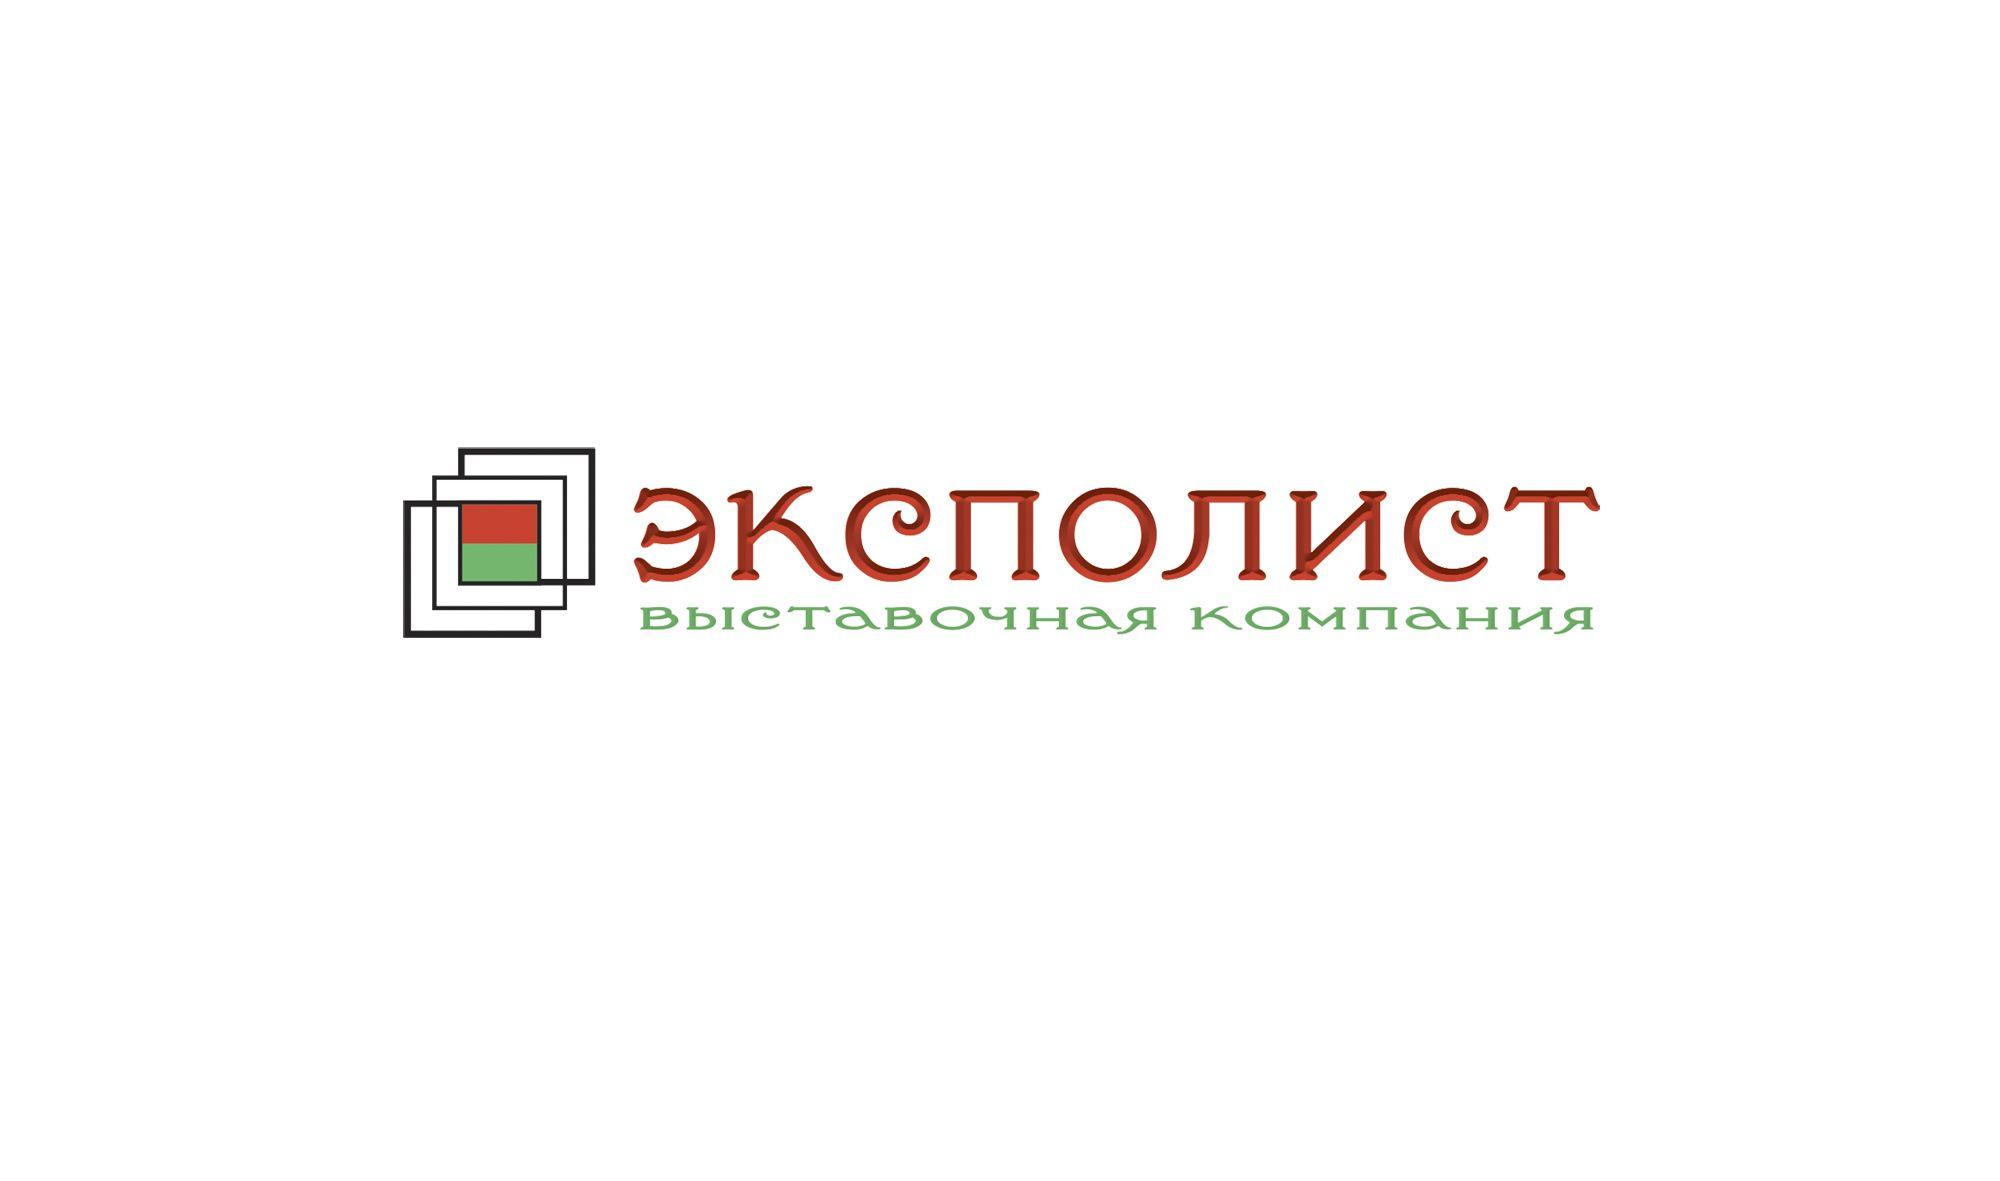 Логотип выставочной компании Эксполист - дизайнер anturage23